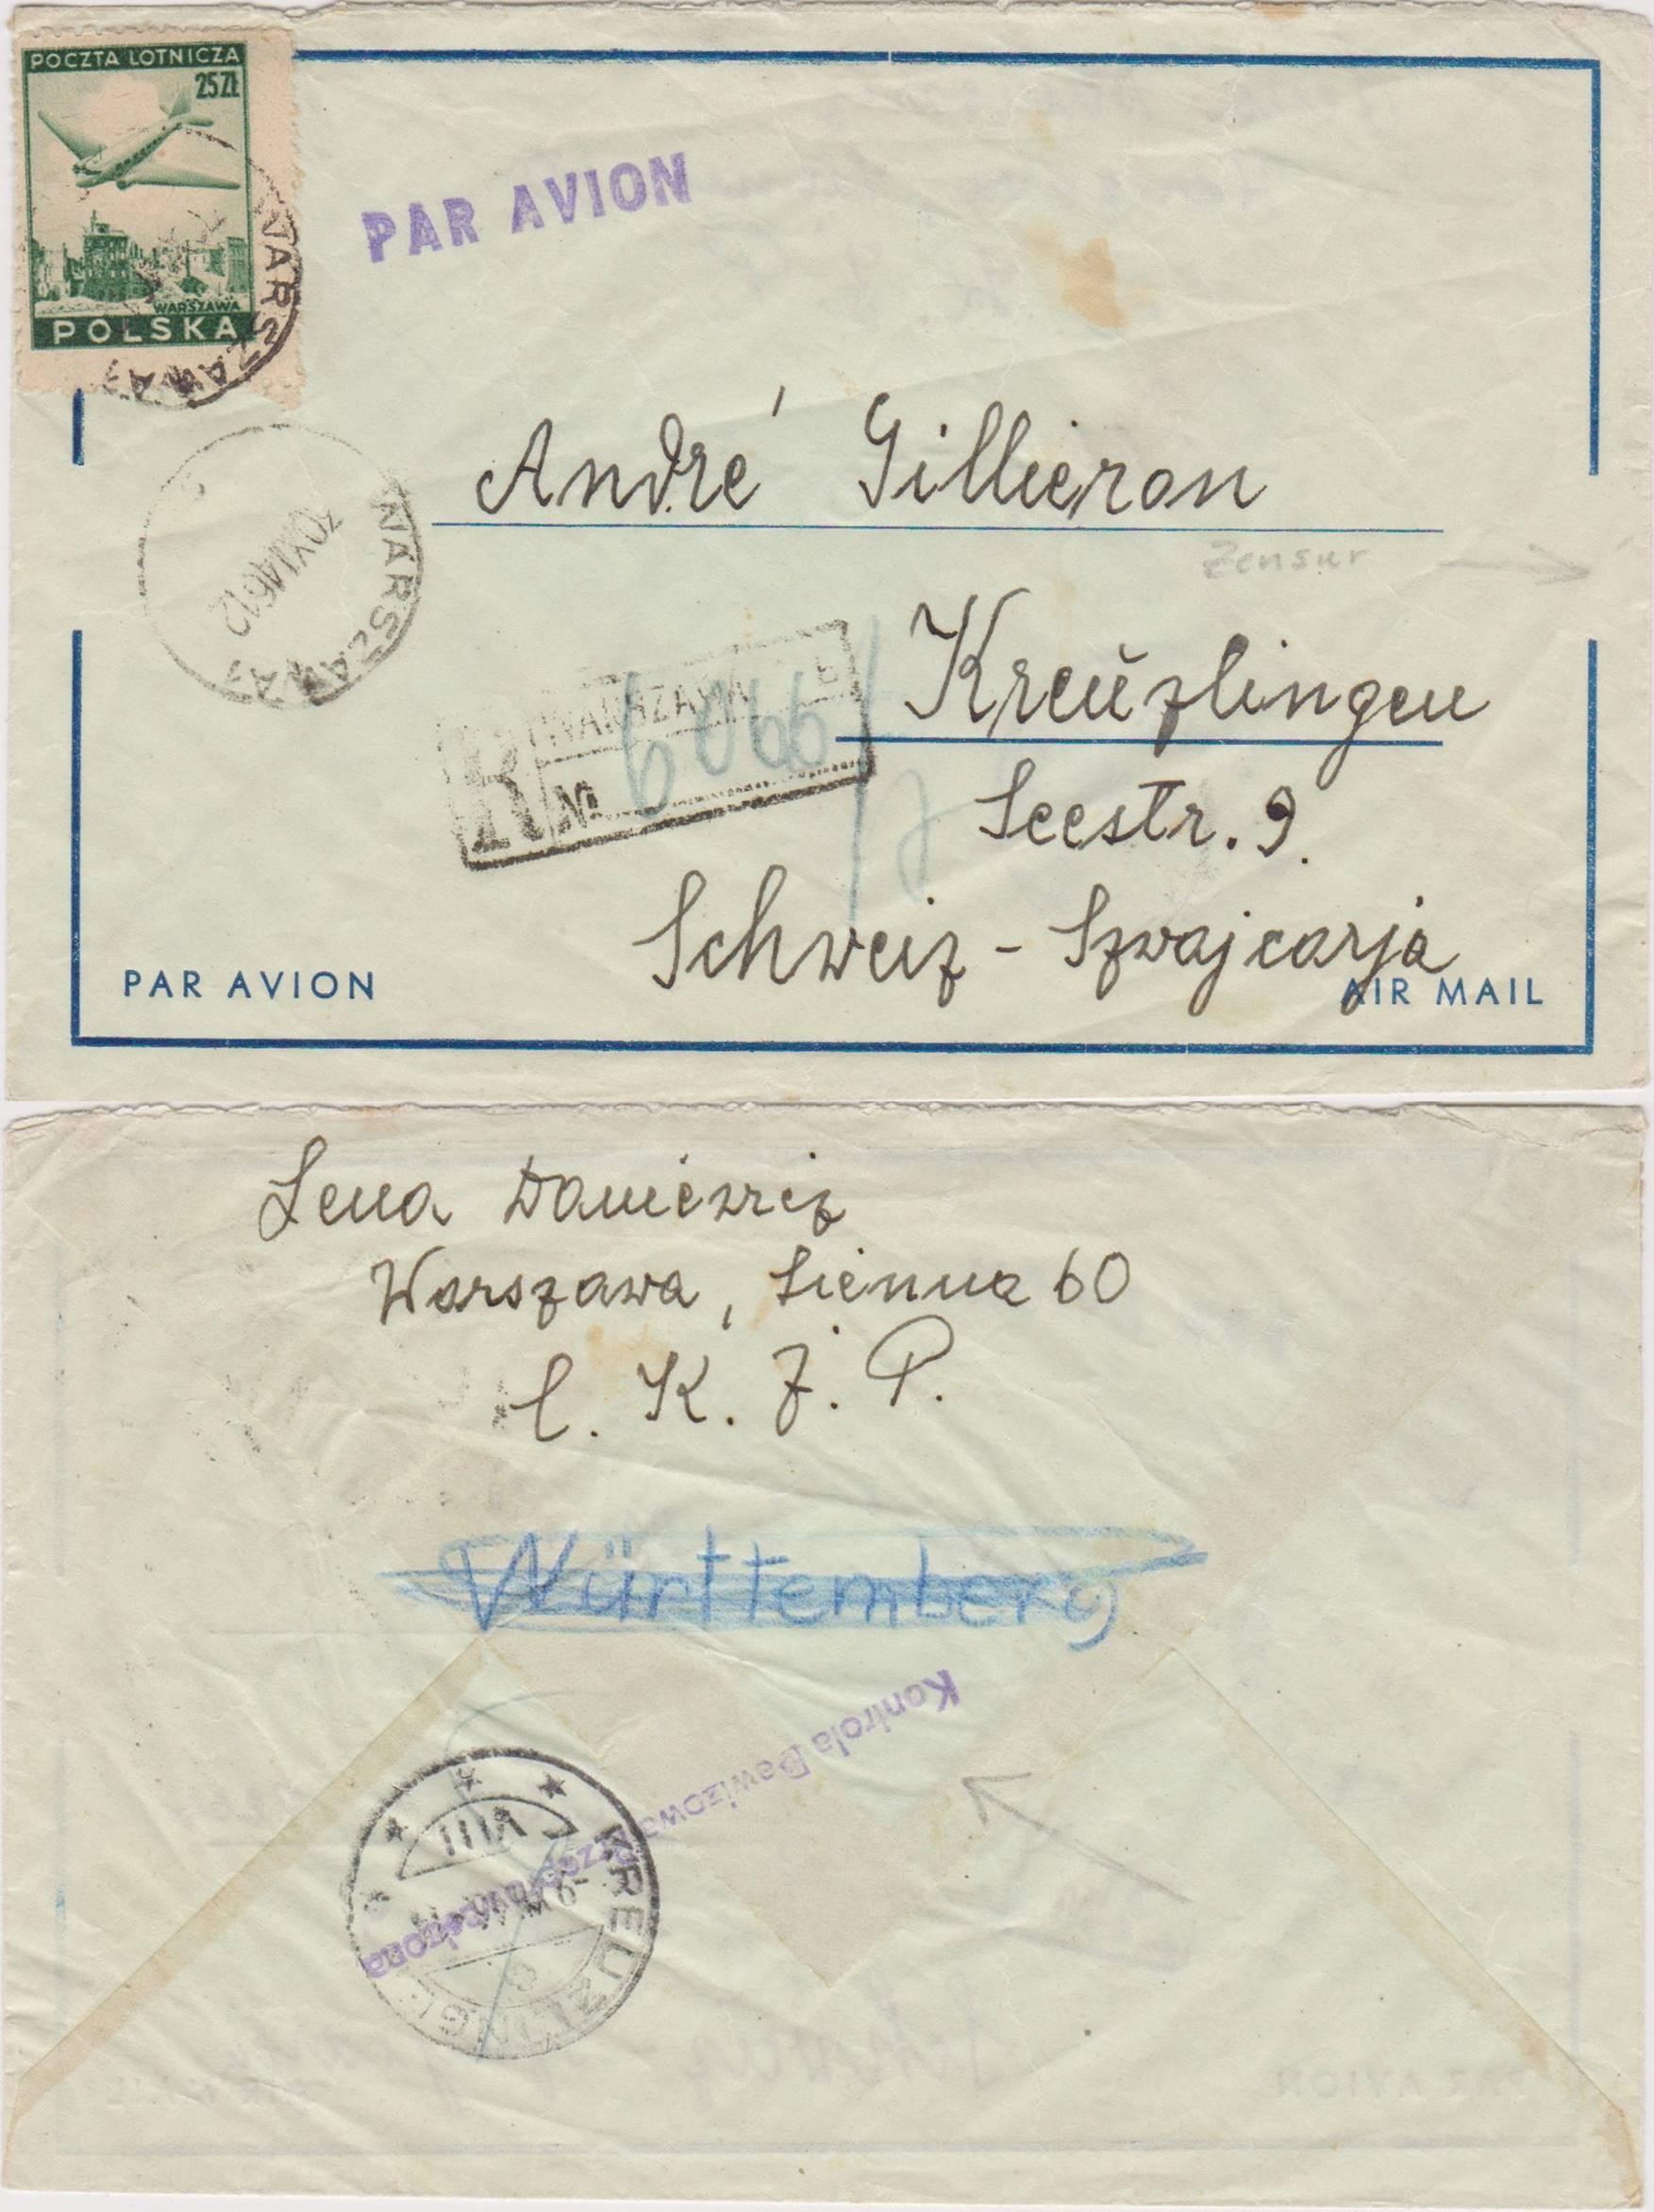 Polecony lotniczy Warszawa Swiss 1946 kontr. dew.